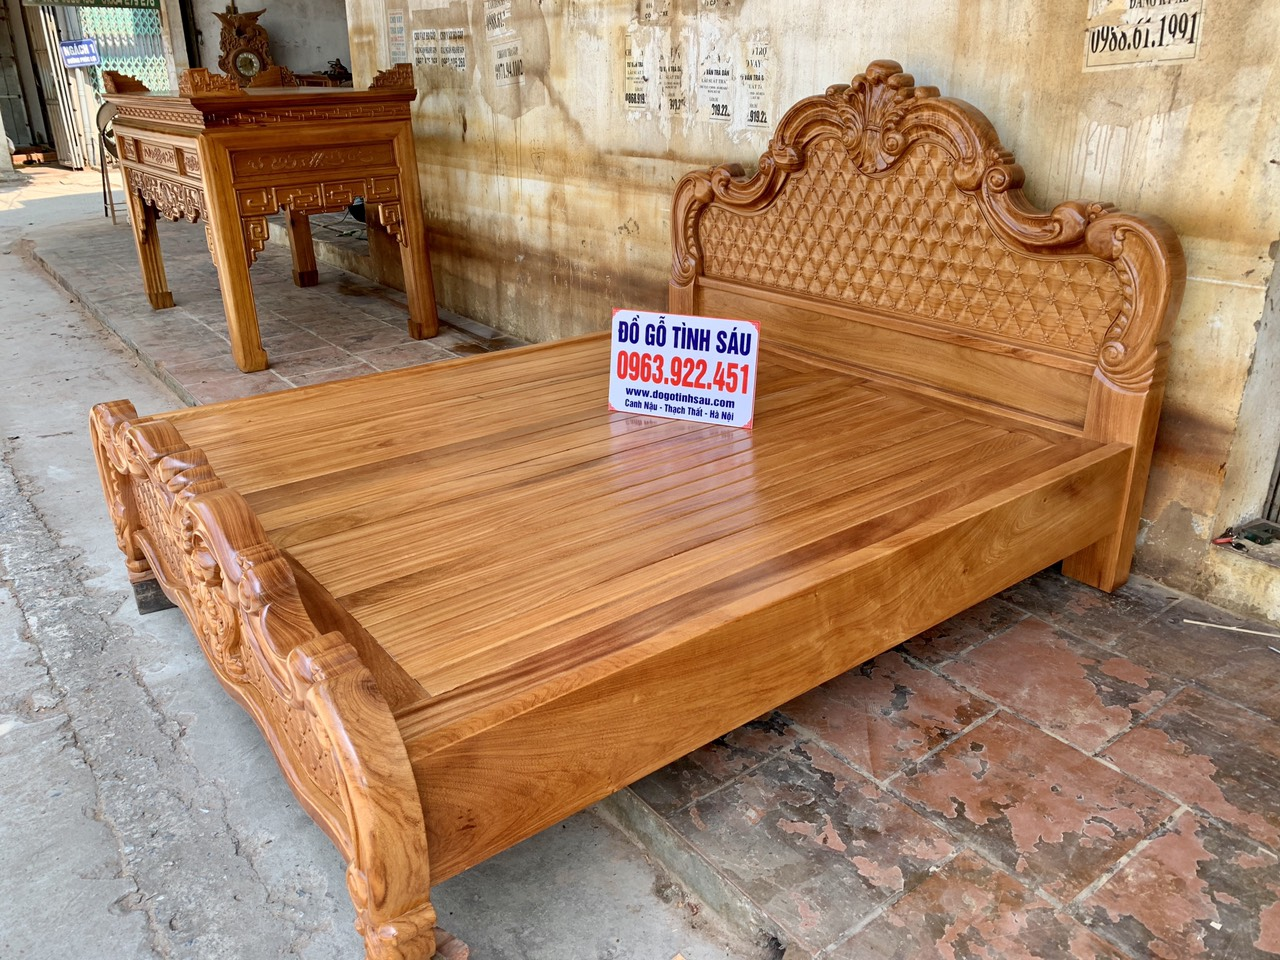 giuong ngu mau hoang gia go go do 1m8x2m 1 - Giường ngủ mẫu Hoàng Gia gỗ gõ đỏ kích thước 1m8 x 2m